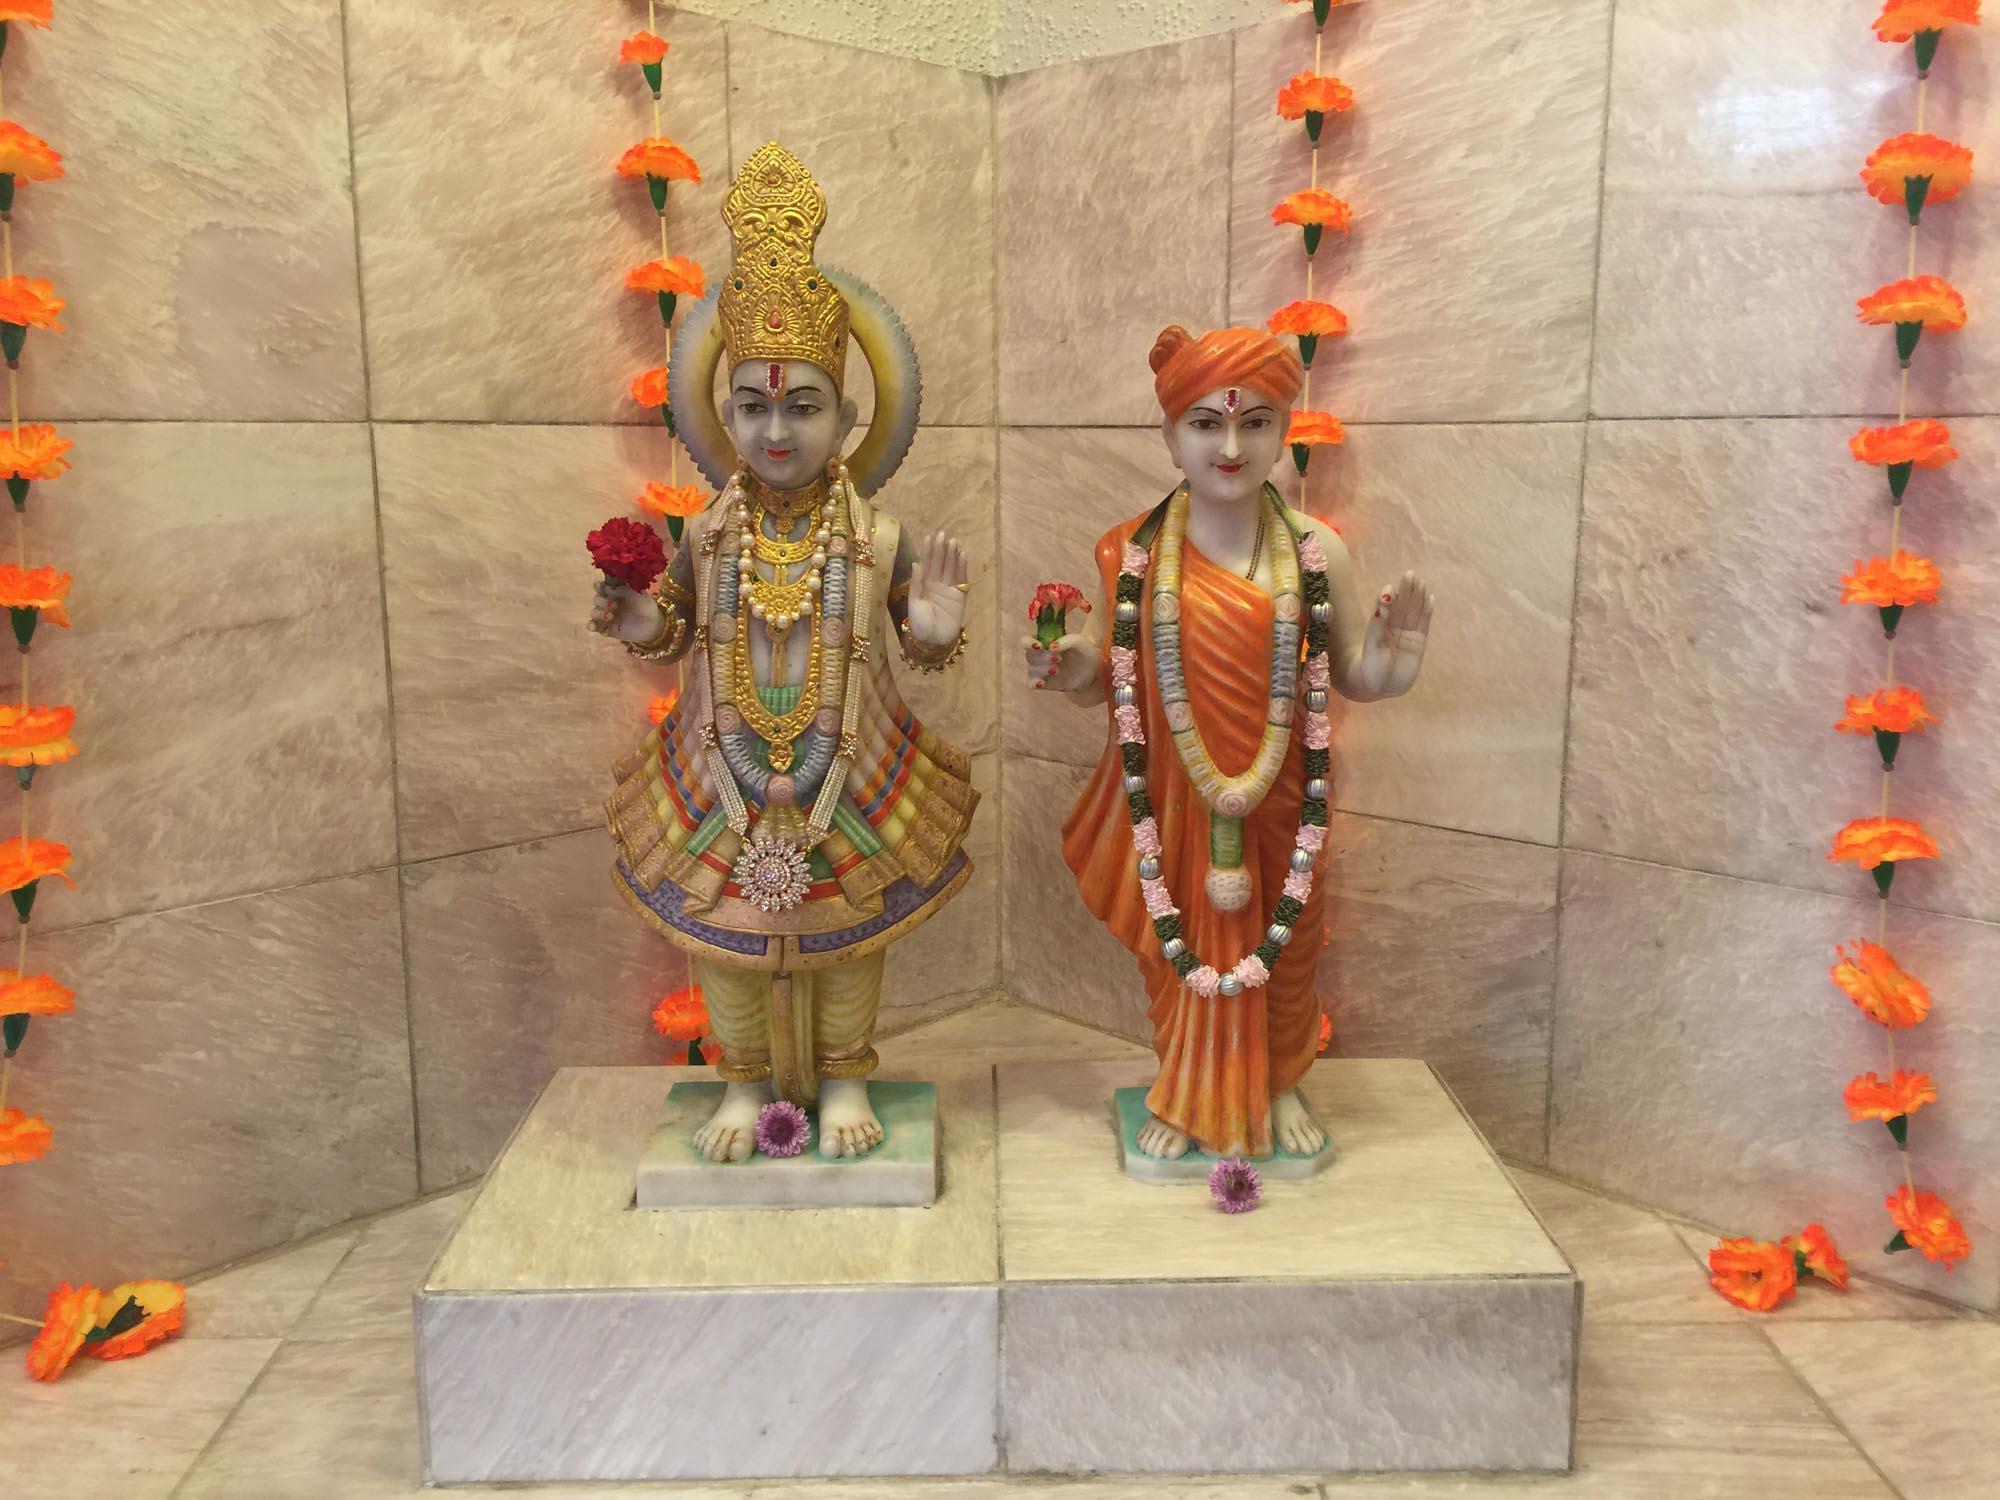 Swami Narayan image